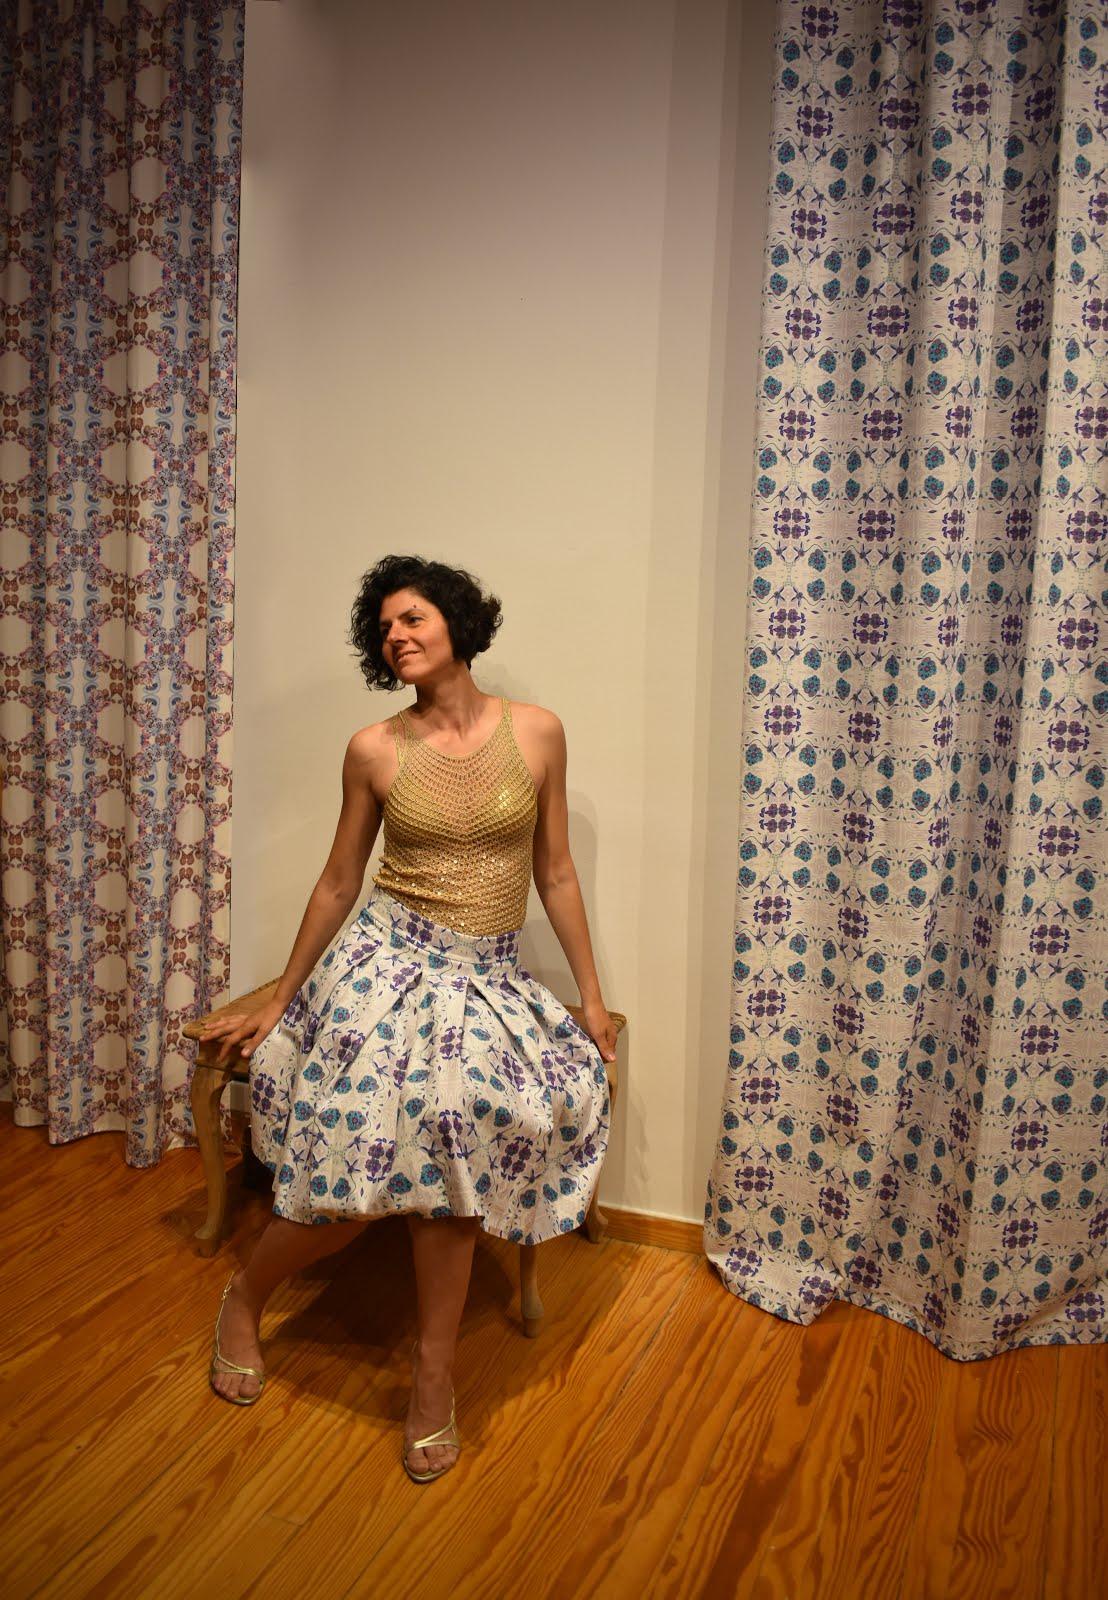 Unique SuGleri Art Fabric for Interior & Fashion Design